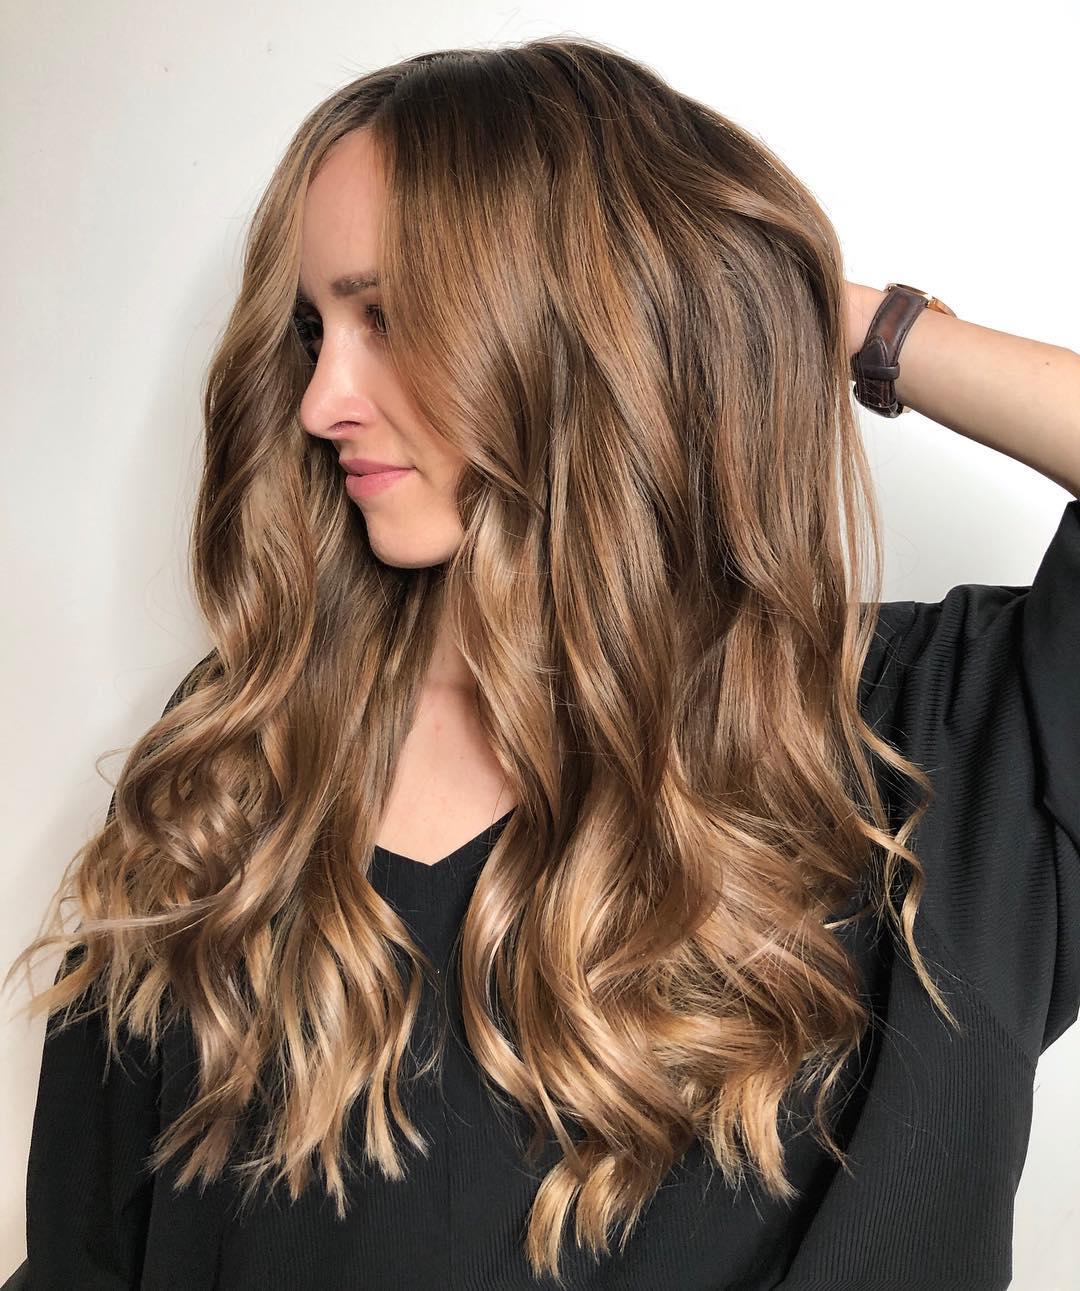 стрижки на длинные волосы 2020 фото 7